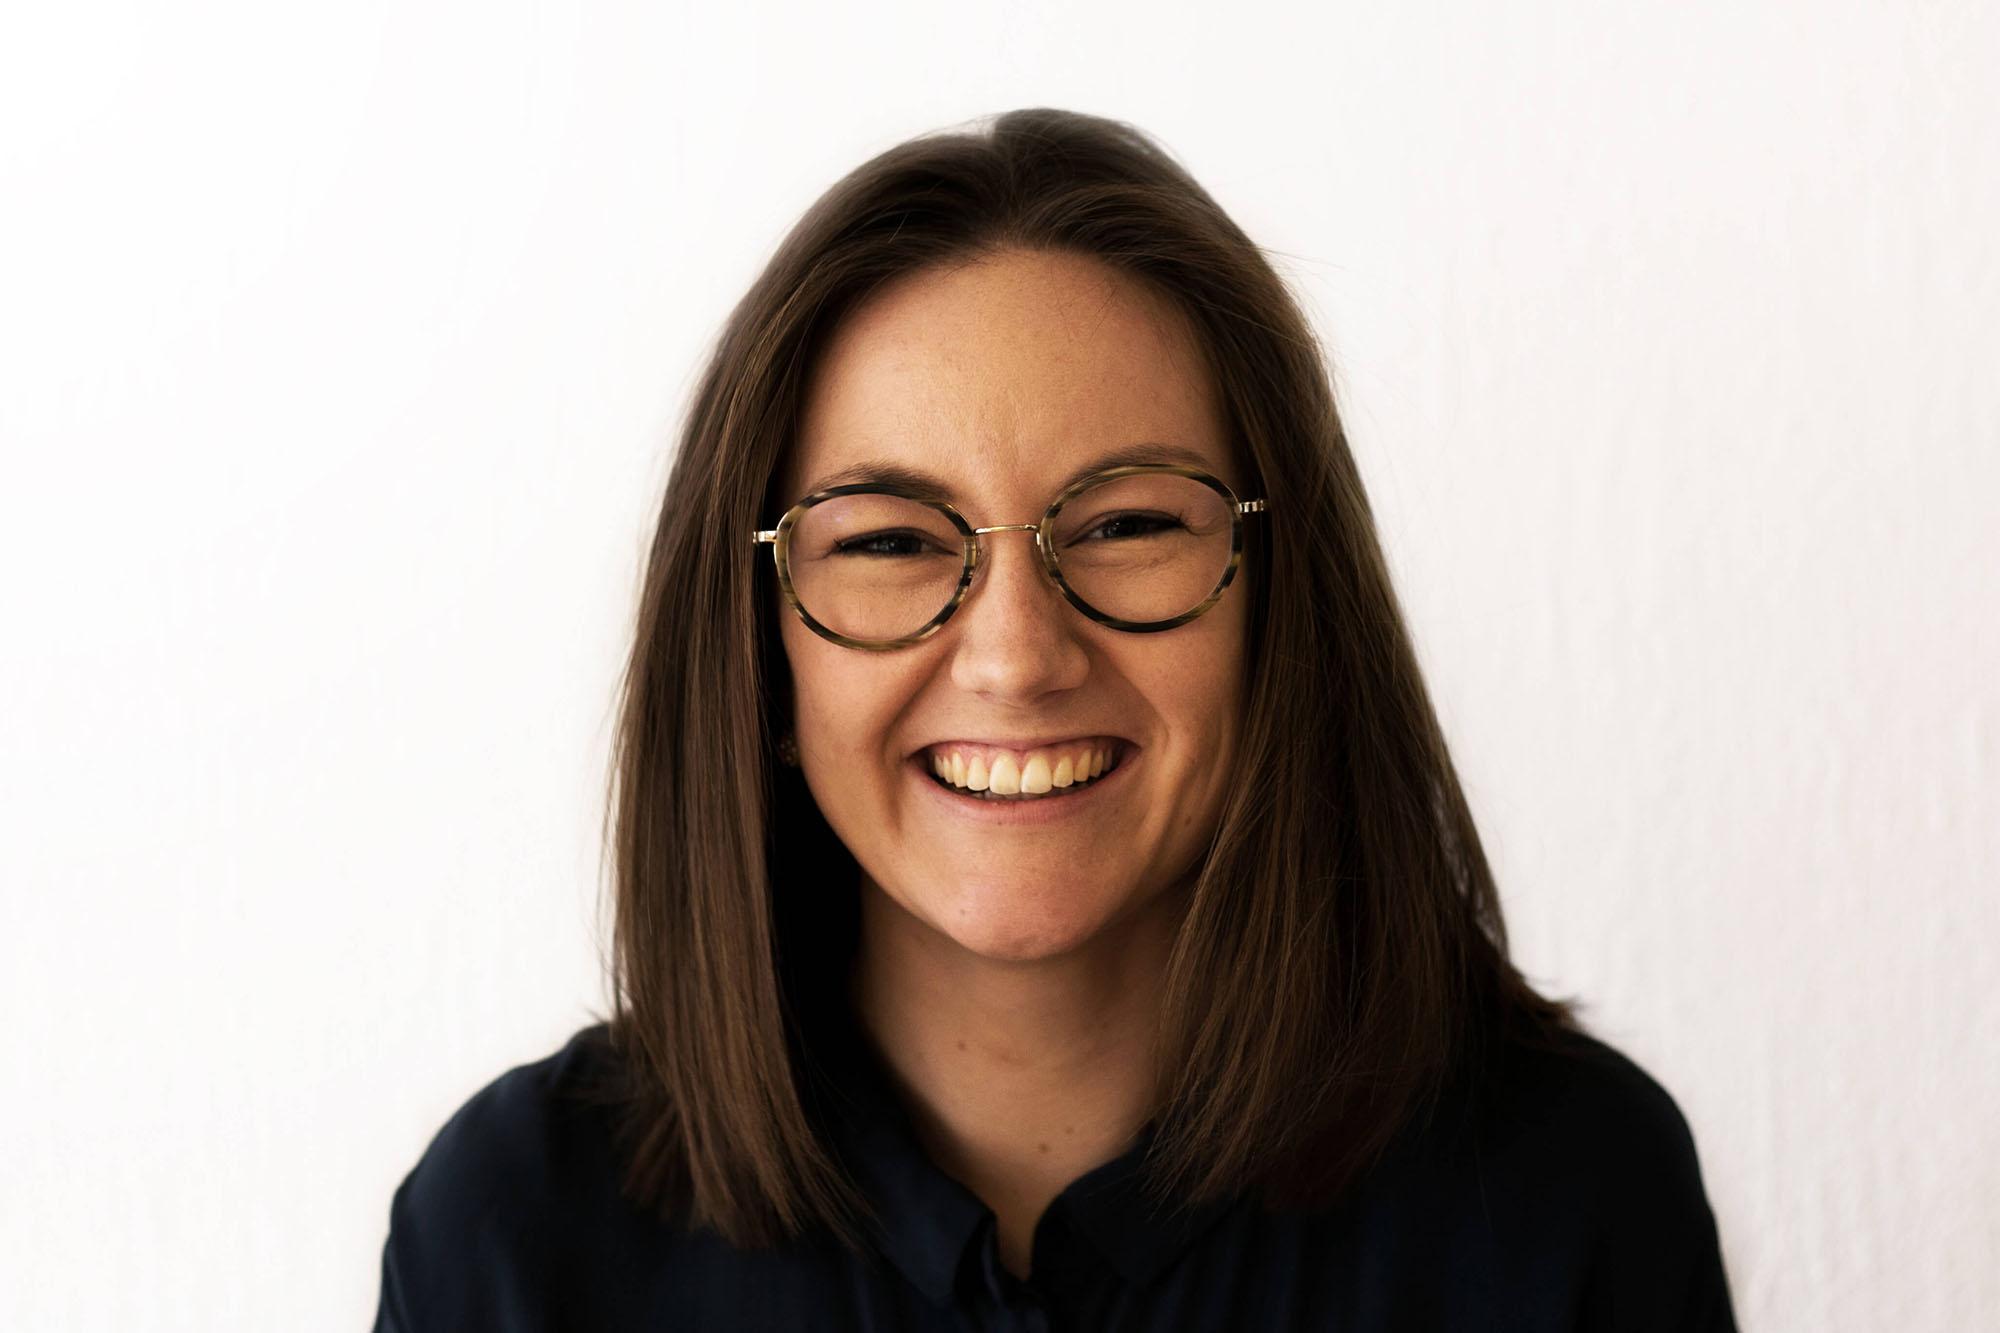 kanselvvilselv ekspert - Maria Emilie Borup Harring